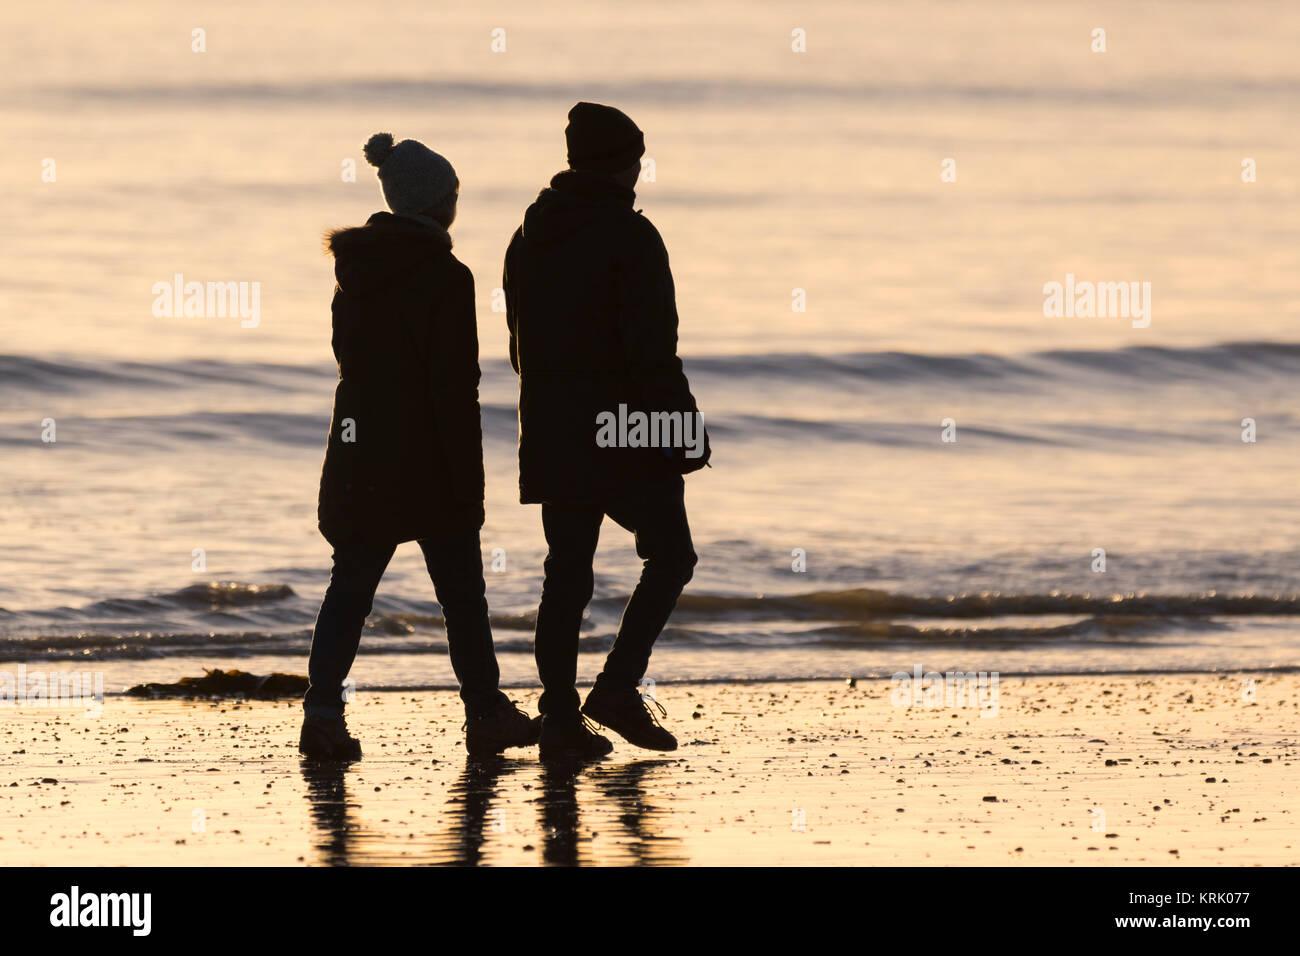 Silueta de una pareja dando un paseo por el mar en luz del atardecer. Imagen De Stock